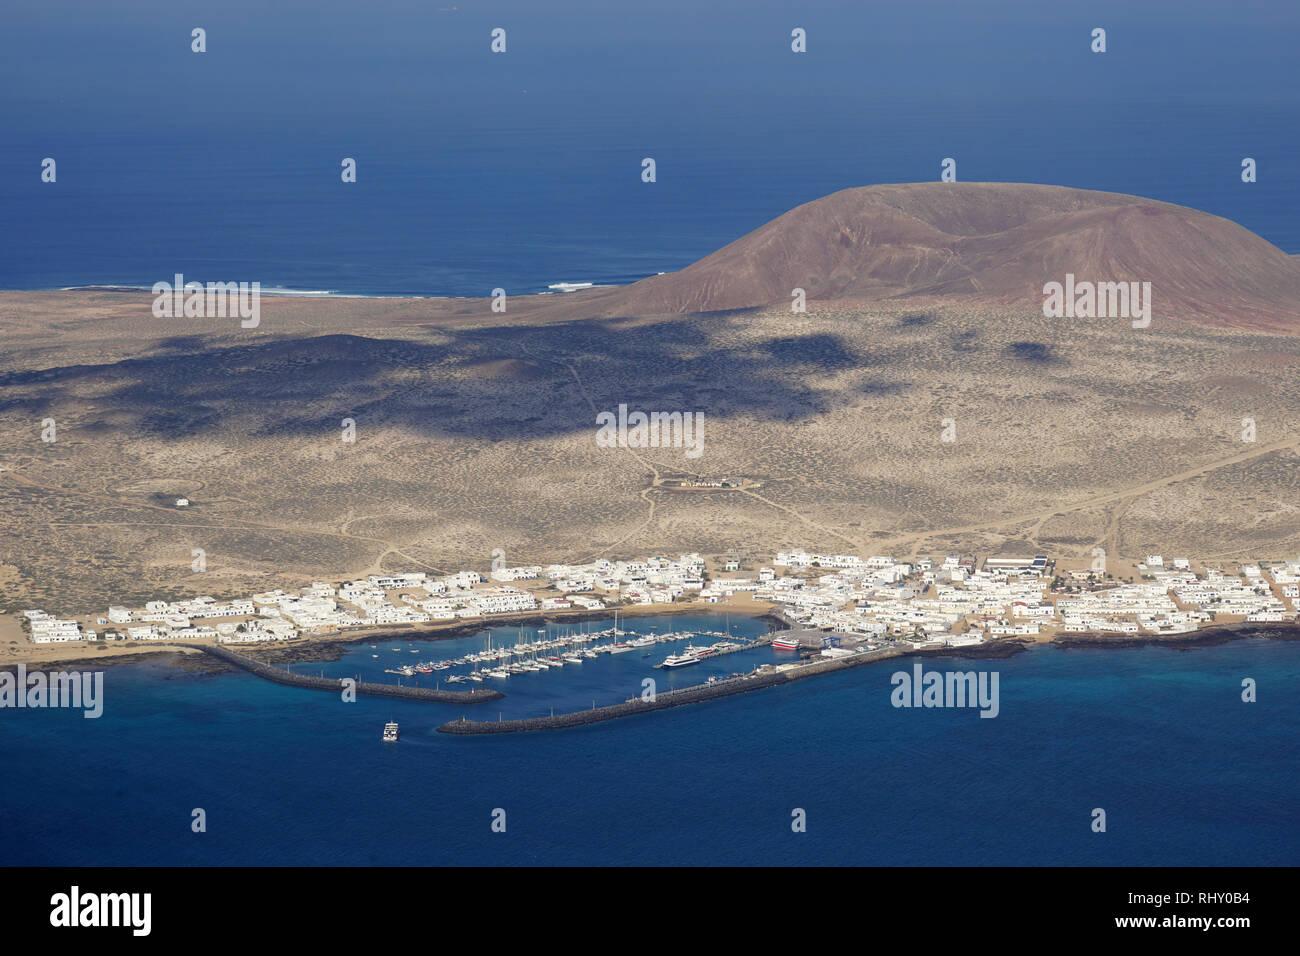 Blick vom Mirador del Río, die Insel La Graciosa und den Ort Caleto del Sebo, Lanzarote, Kanarische Inseln, Spanien Stockbild